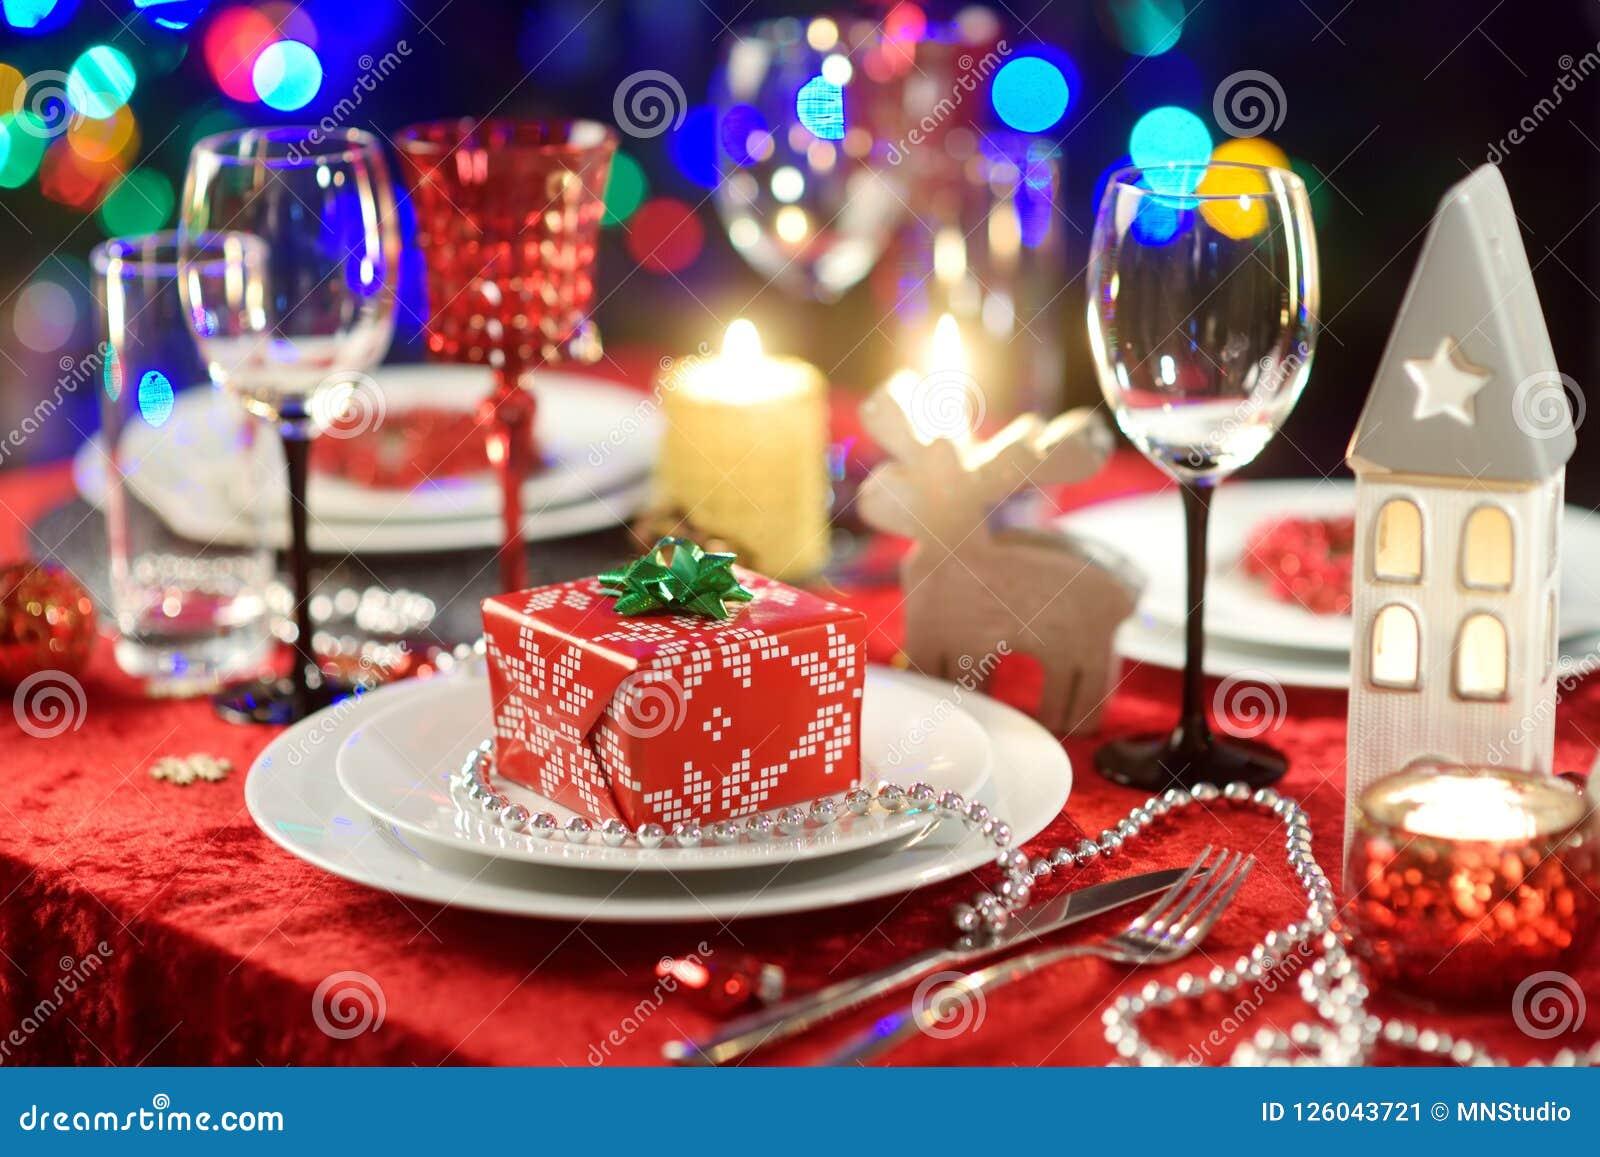 Красивая сервировка стола для торжества рождественской вечеринки или Нового Года дома Уютная комната с камином и рождественской е